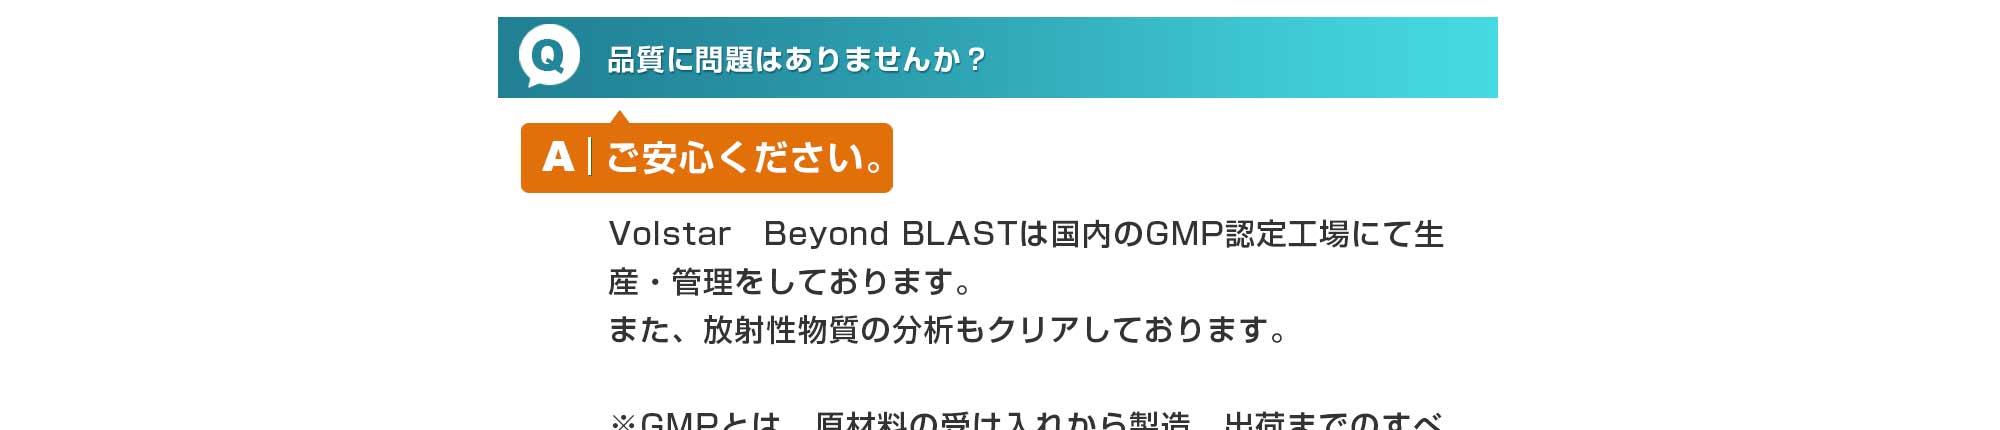 ペニス増大サプリ ヴォルスタービヨンドブラスト Volstar Beyond BLAST